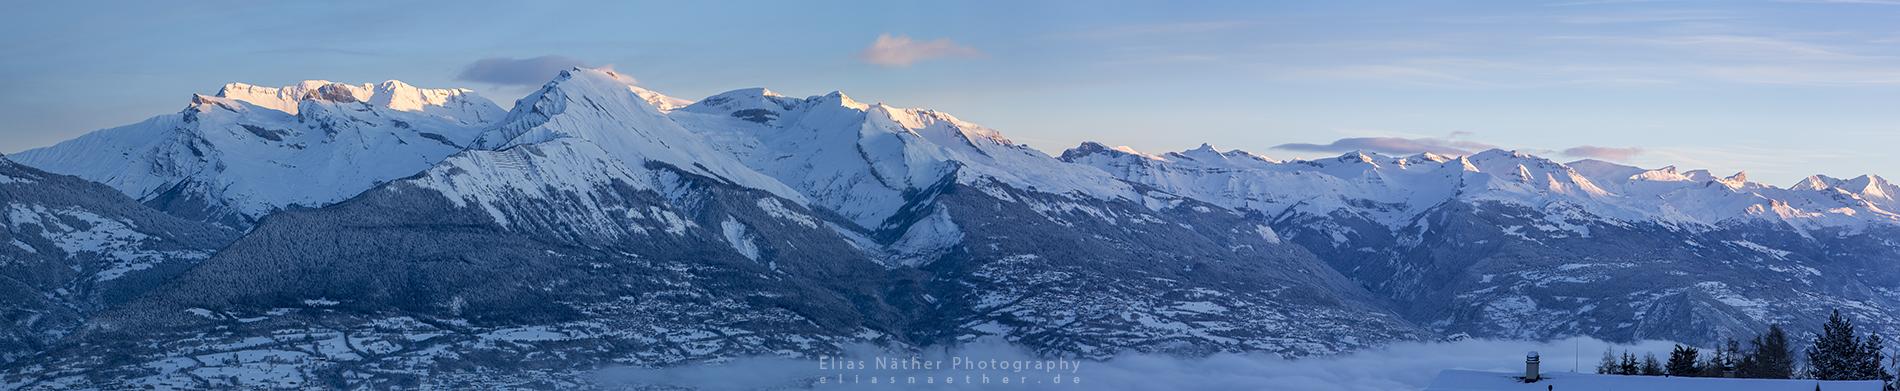 Good Morning Panorama